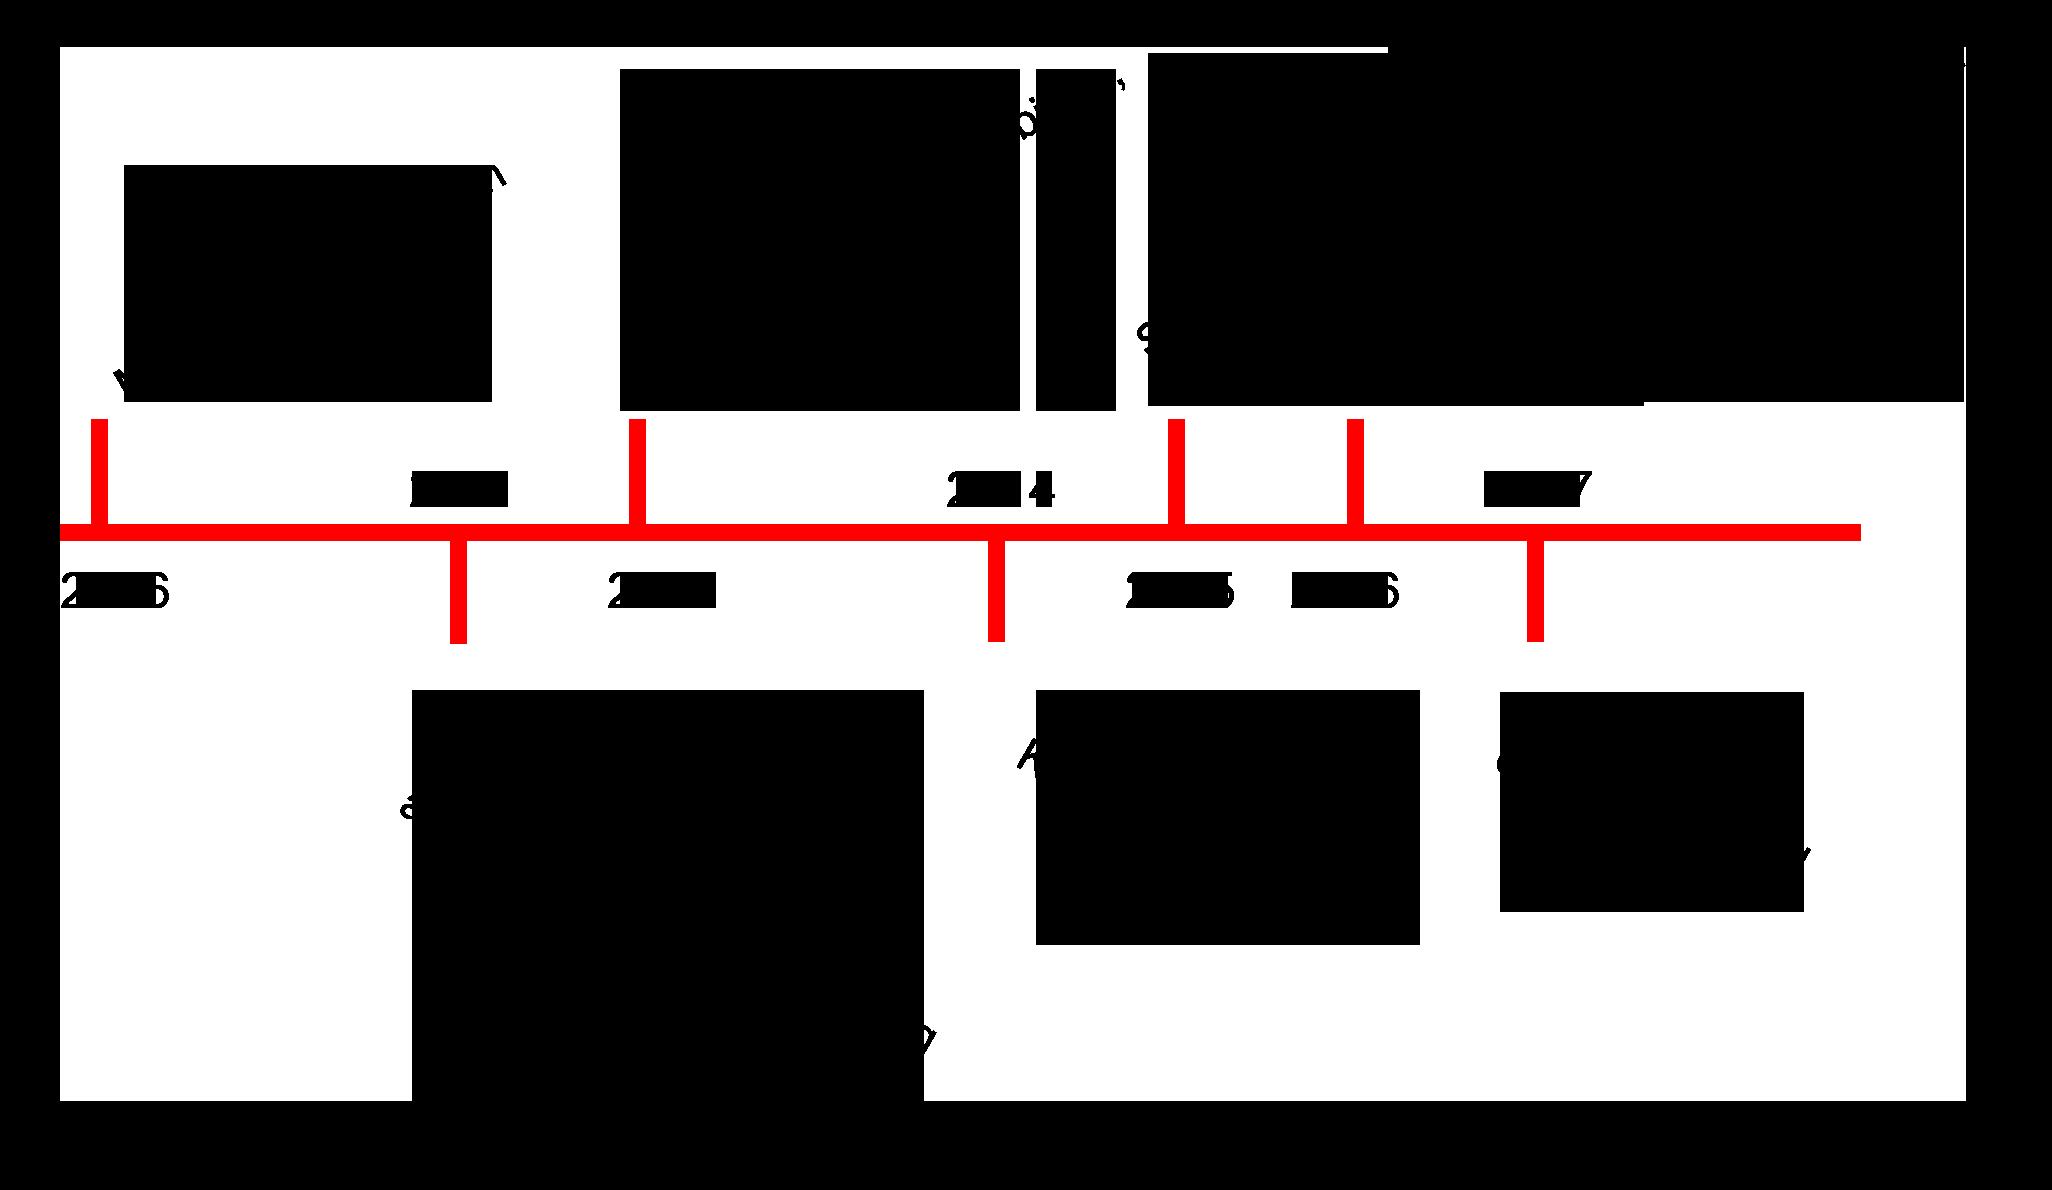 timeline depicting information from description